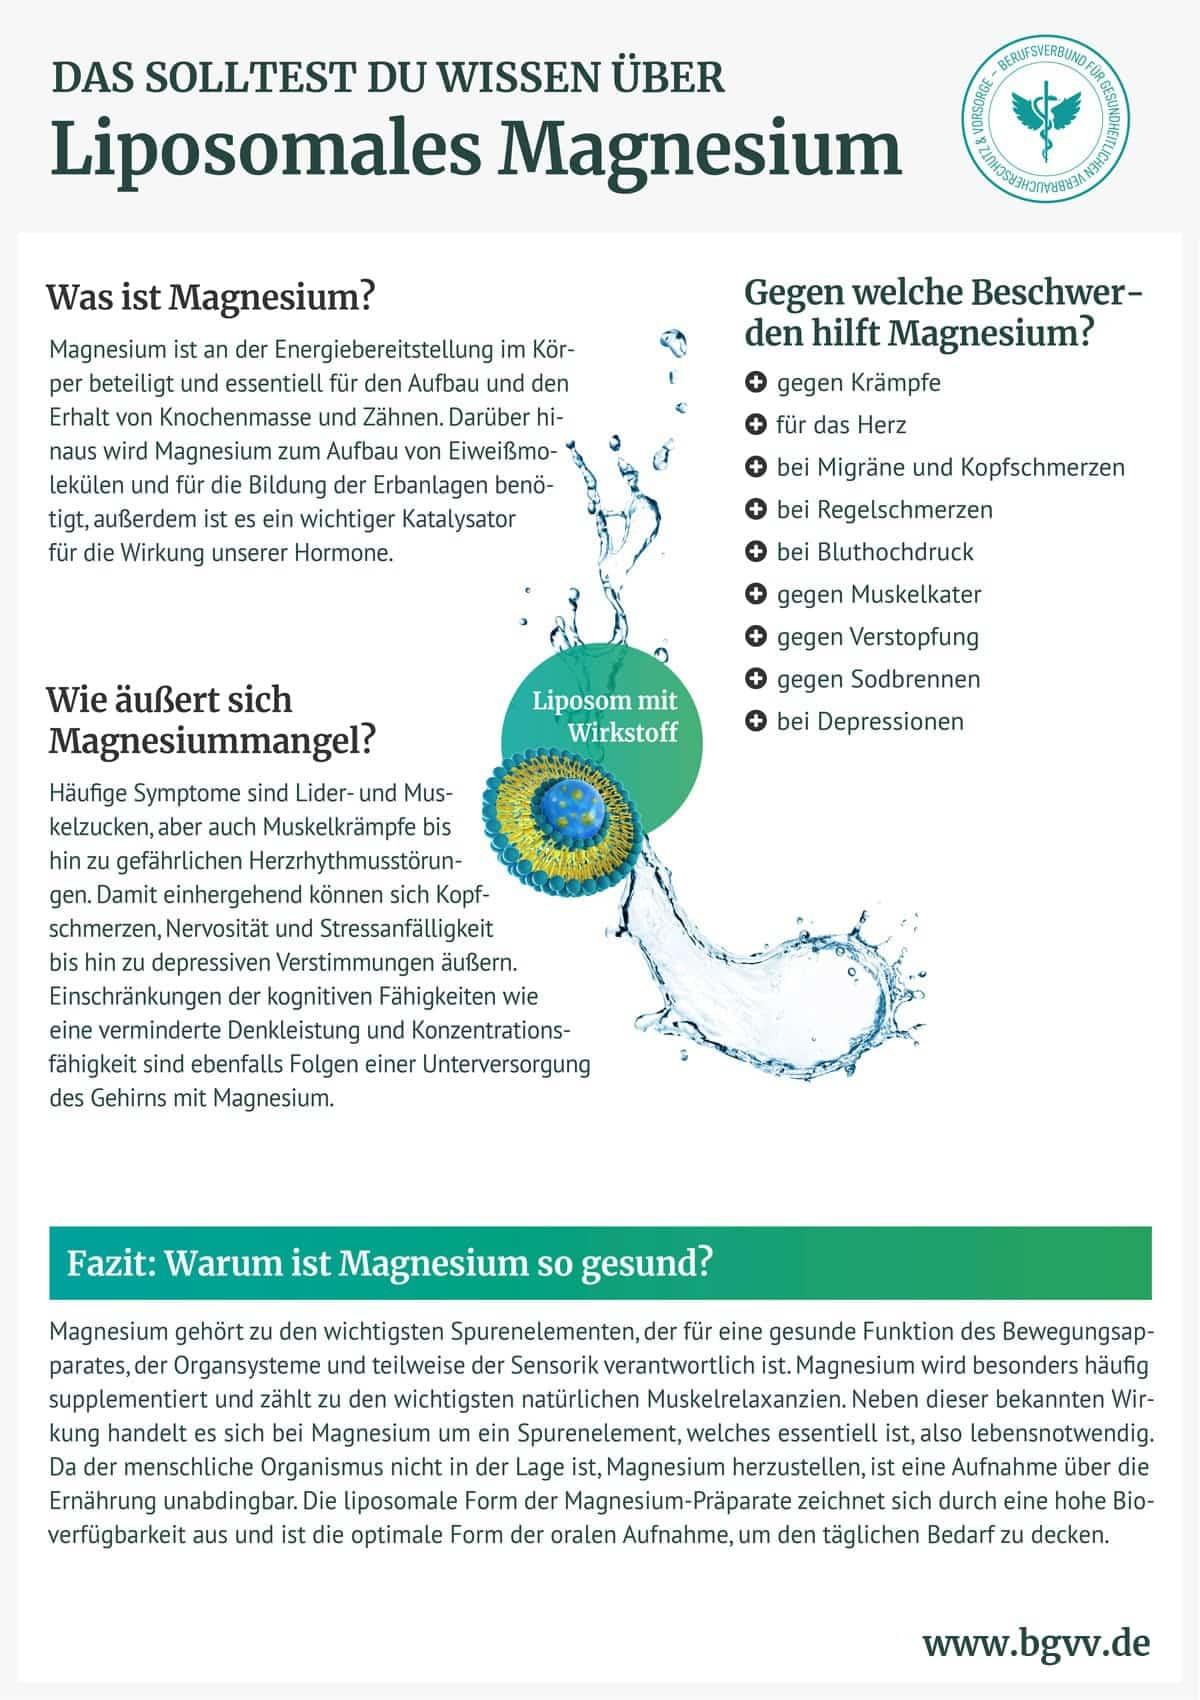 BGVV infografik Liposomales Magnesium